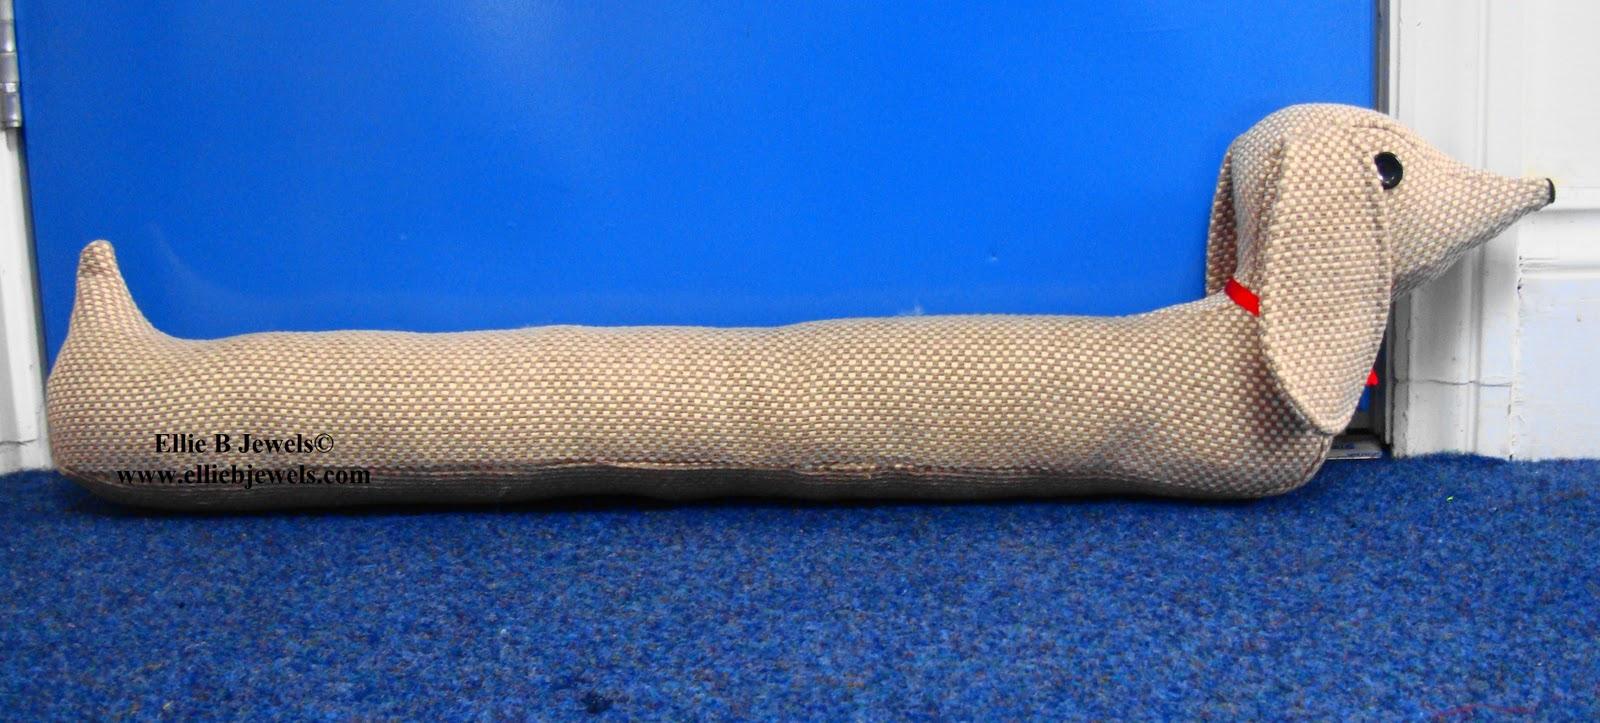 Knitting Pattern For Sausage Dog Draught Excluder : From Beads to Buttons: Sausage Dog draught excluder